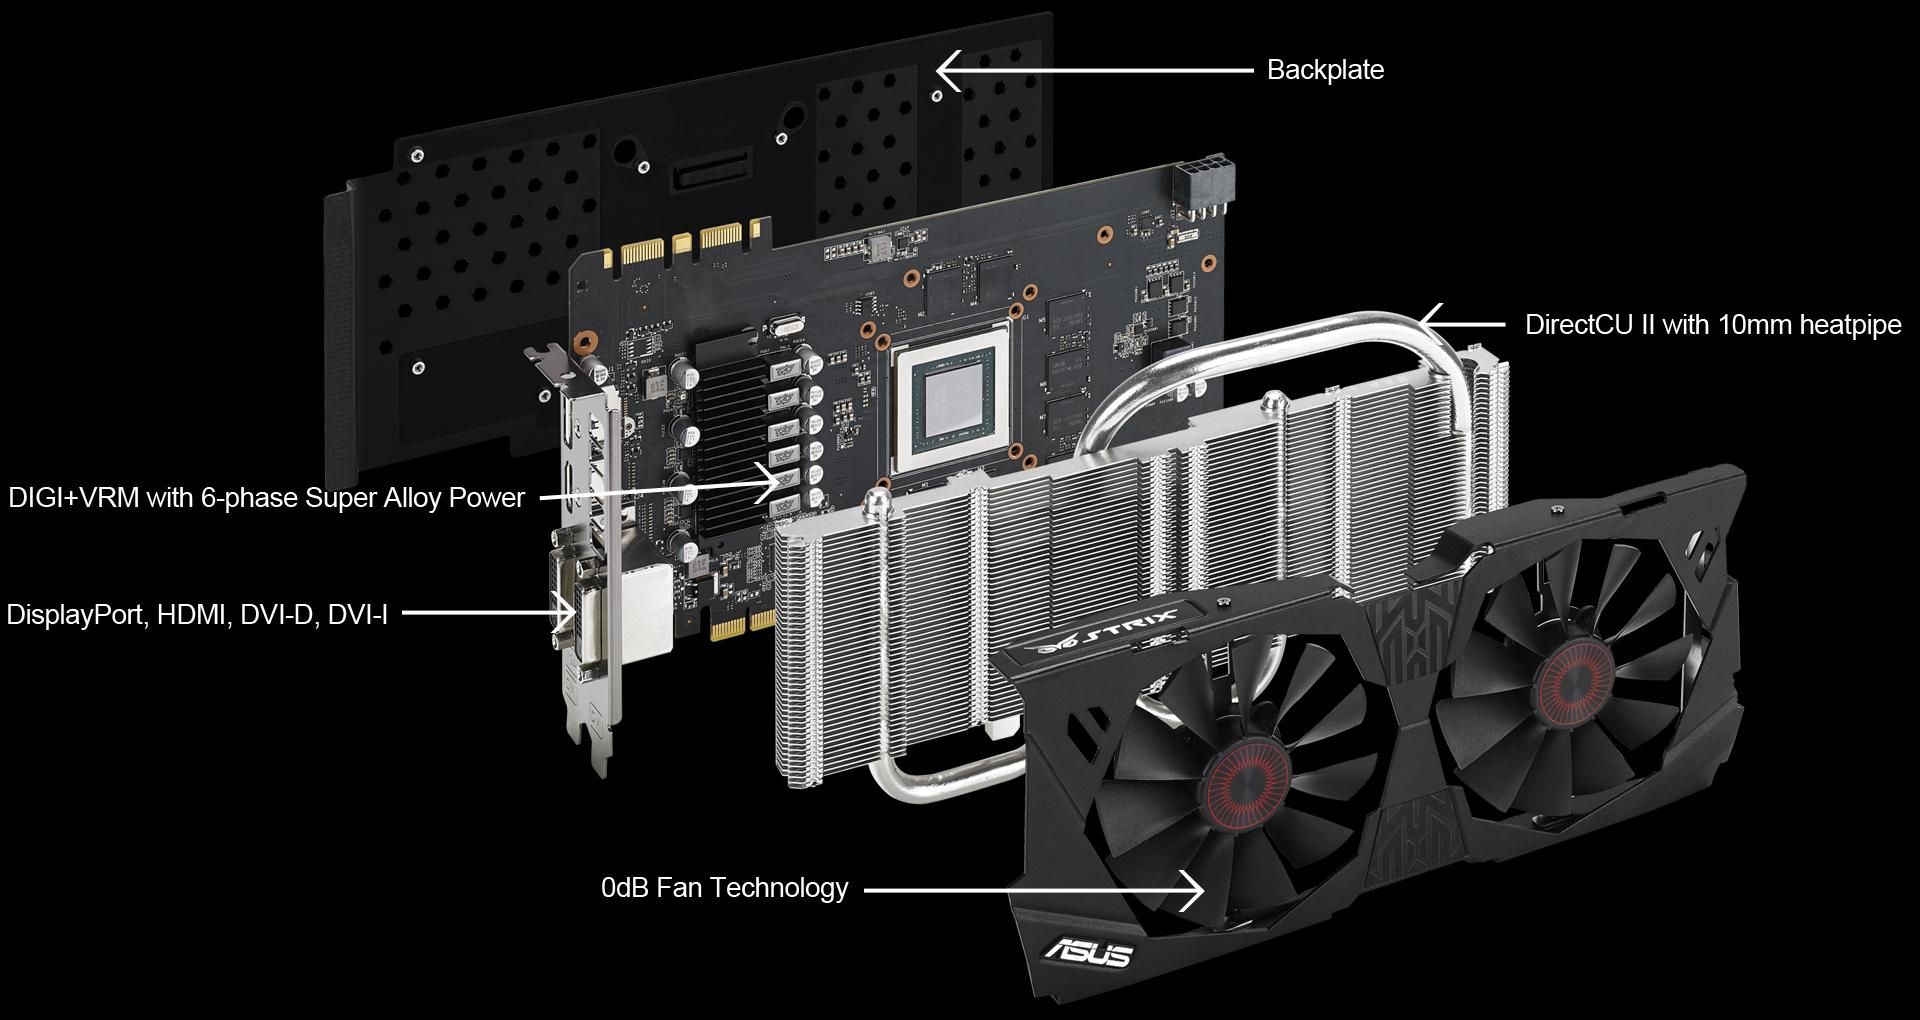 STRIX-GTX970-DC2OC-4GD5 | Graphics Cards | ASUS USA